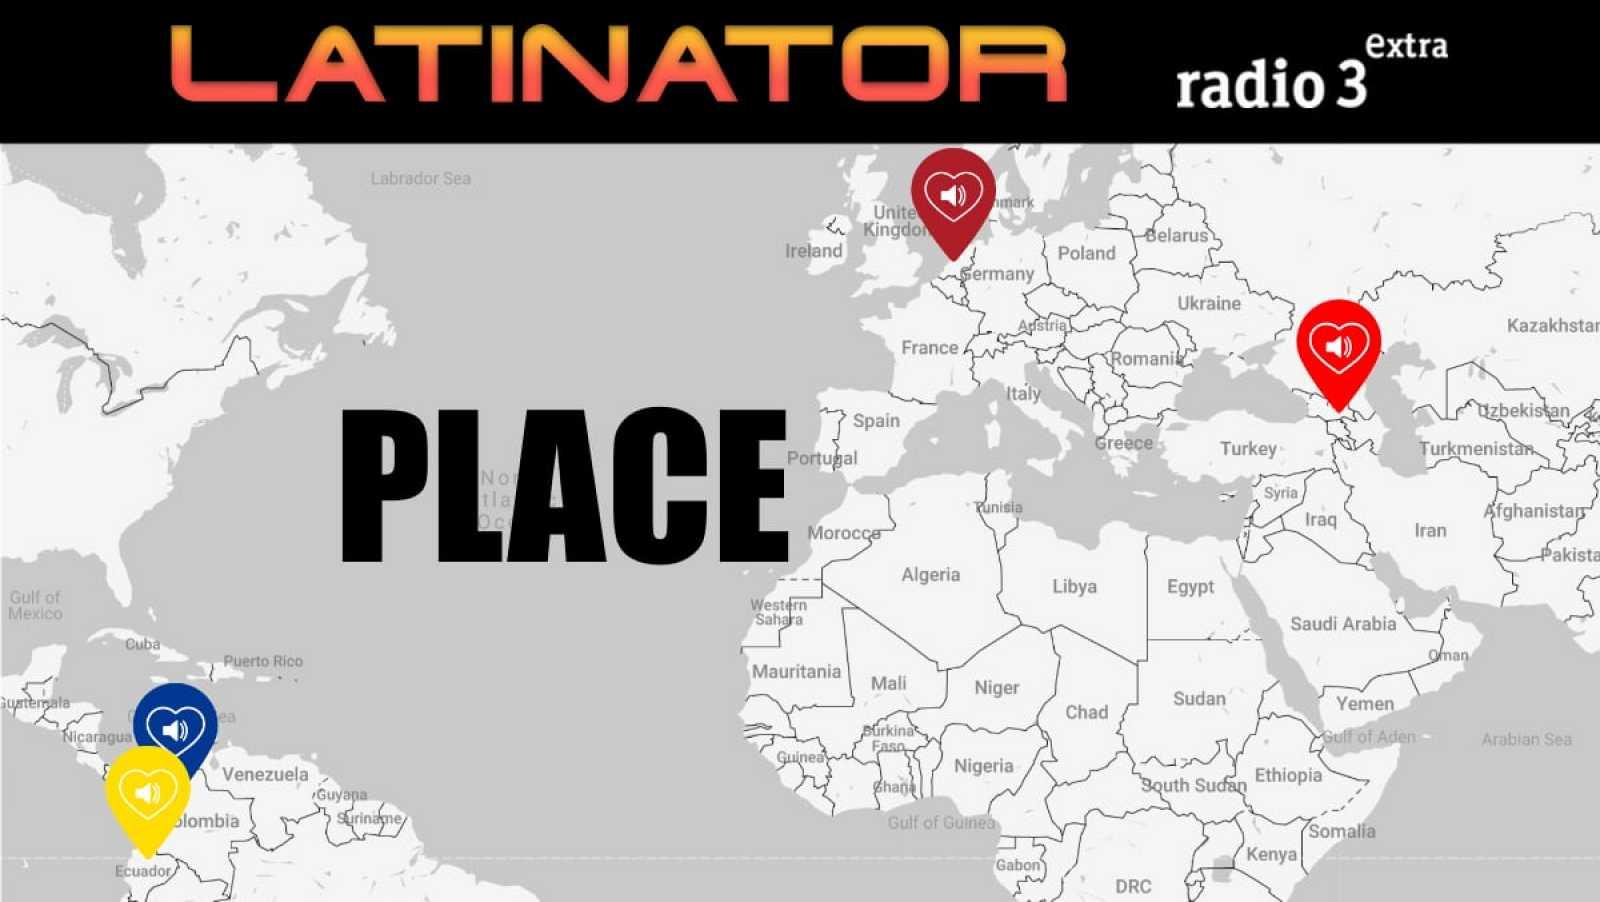 Latinator - Place - 02/07/20 - escuchar ahora